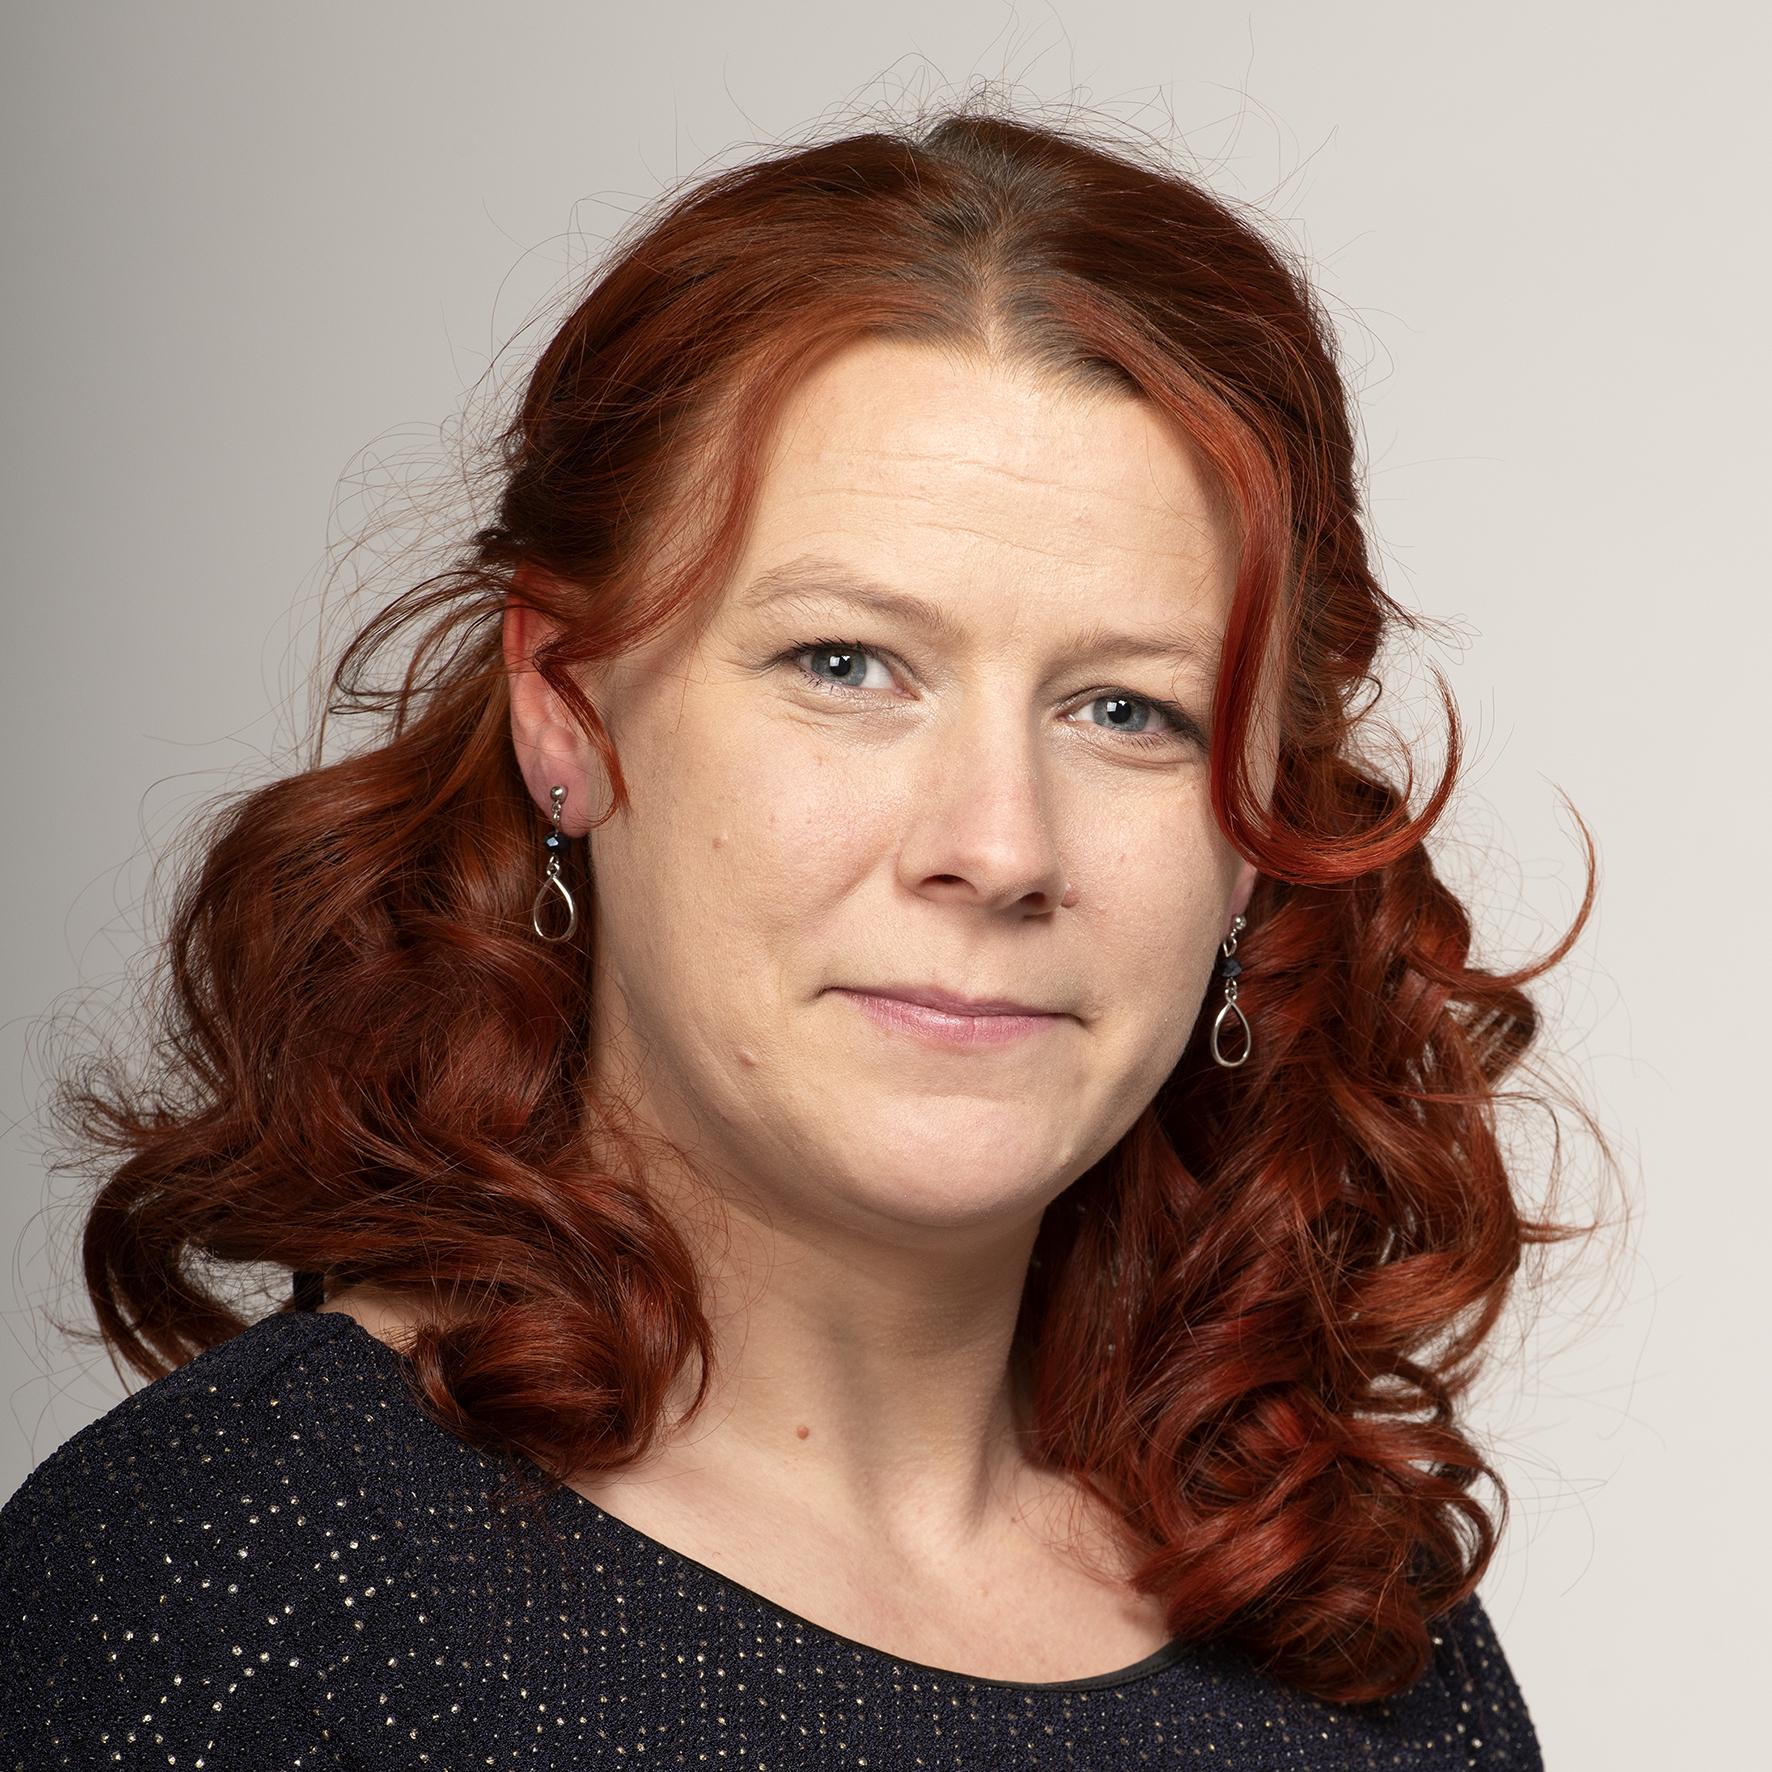 Vicky Smet